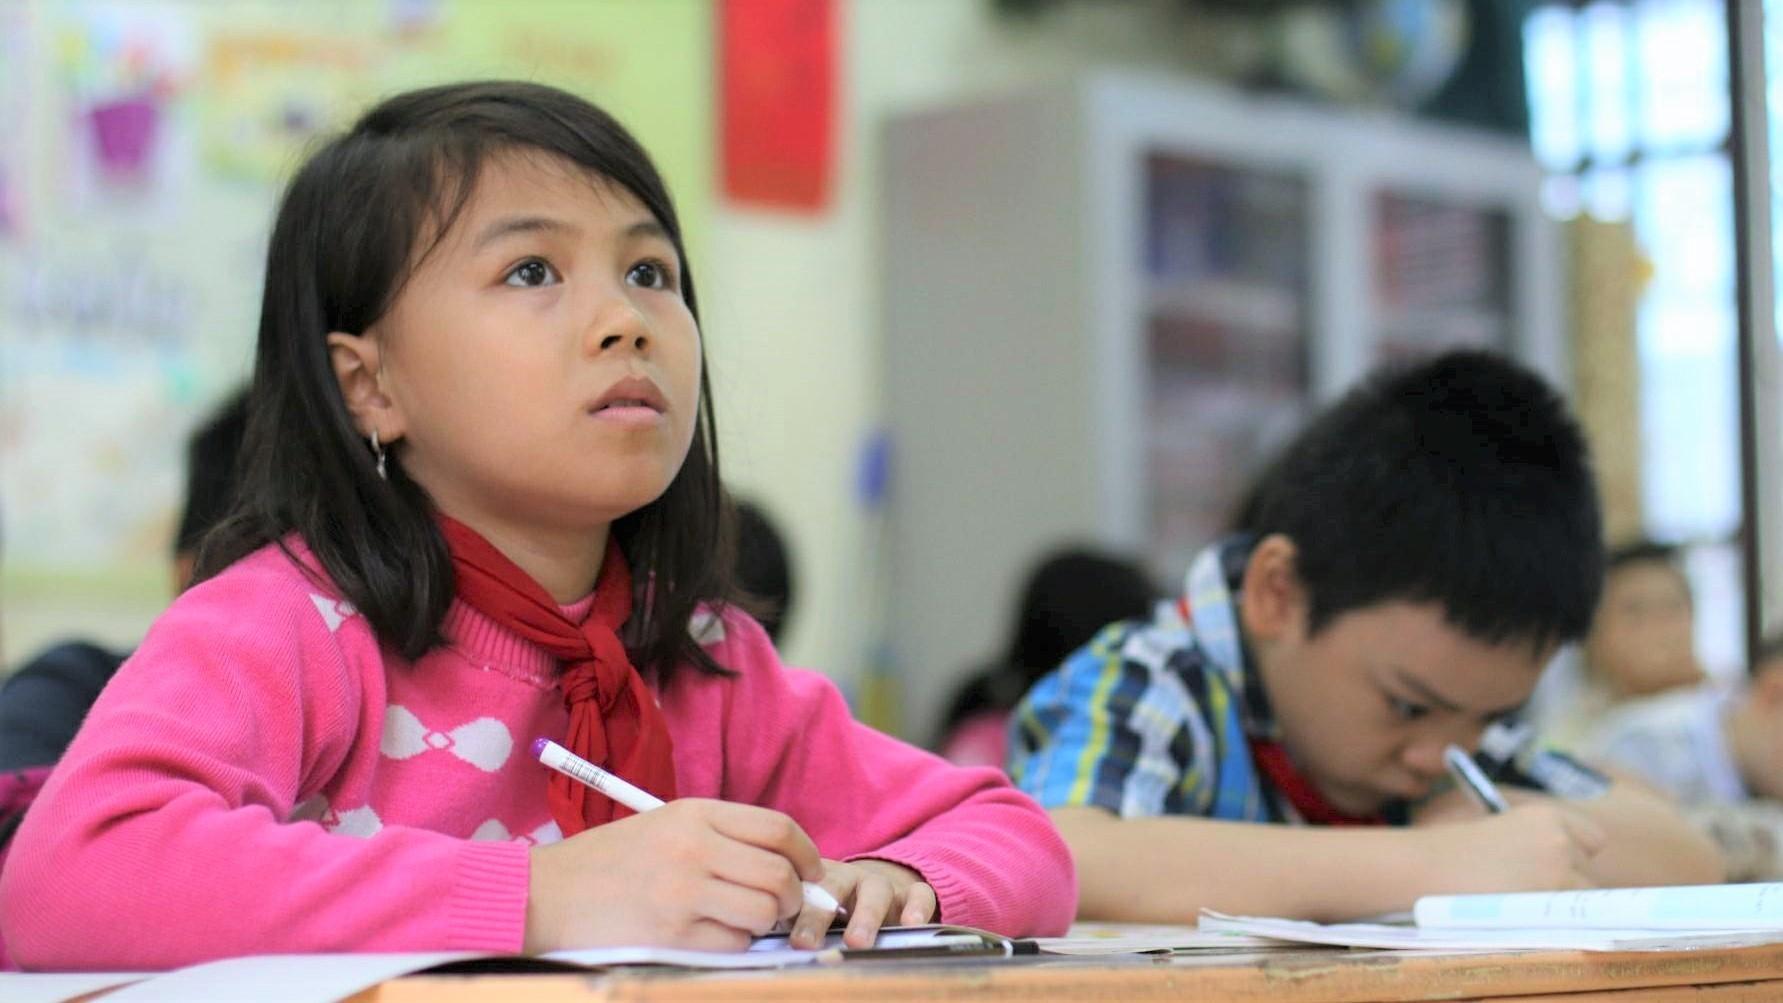 sách giáo khoa mới,chương trình giáo dục phổ thông mới,chương trình phổ thông mới,đổi mới giáo dục,SGK mới